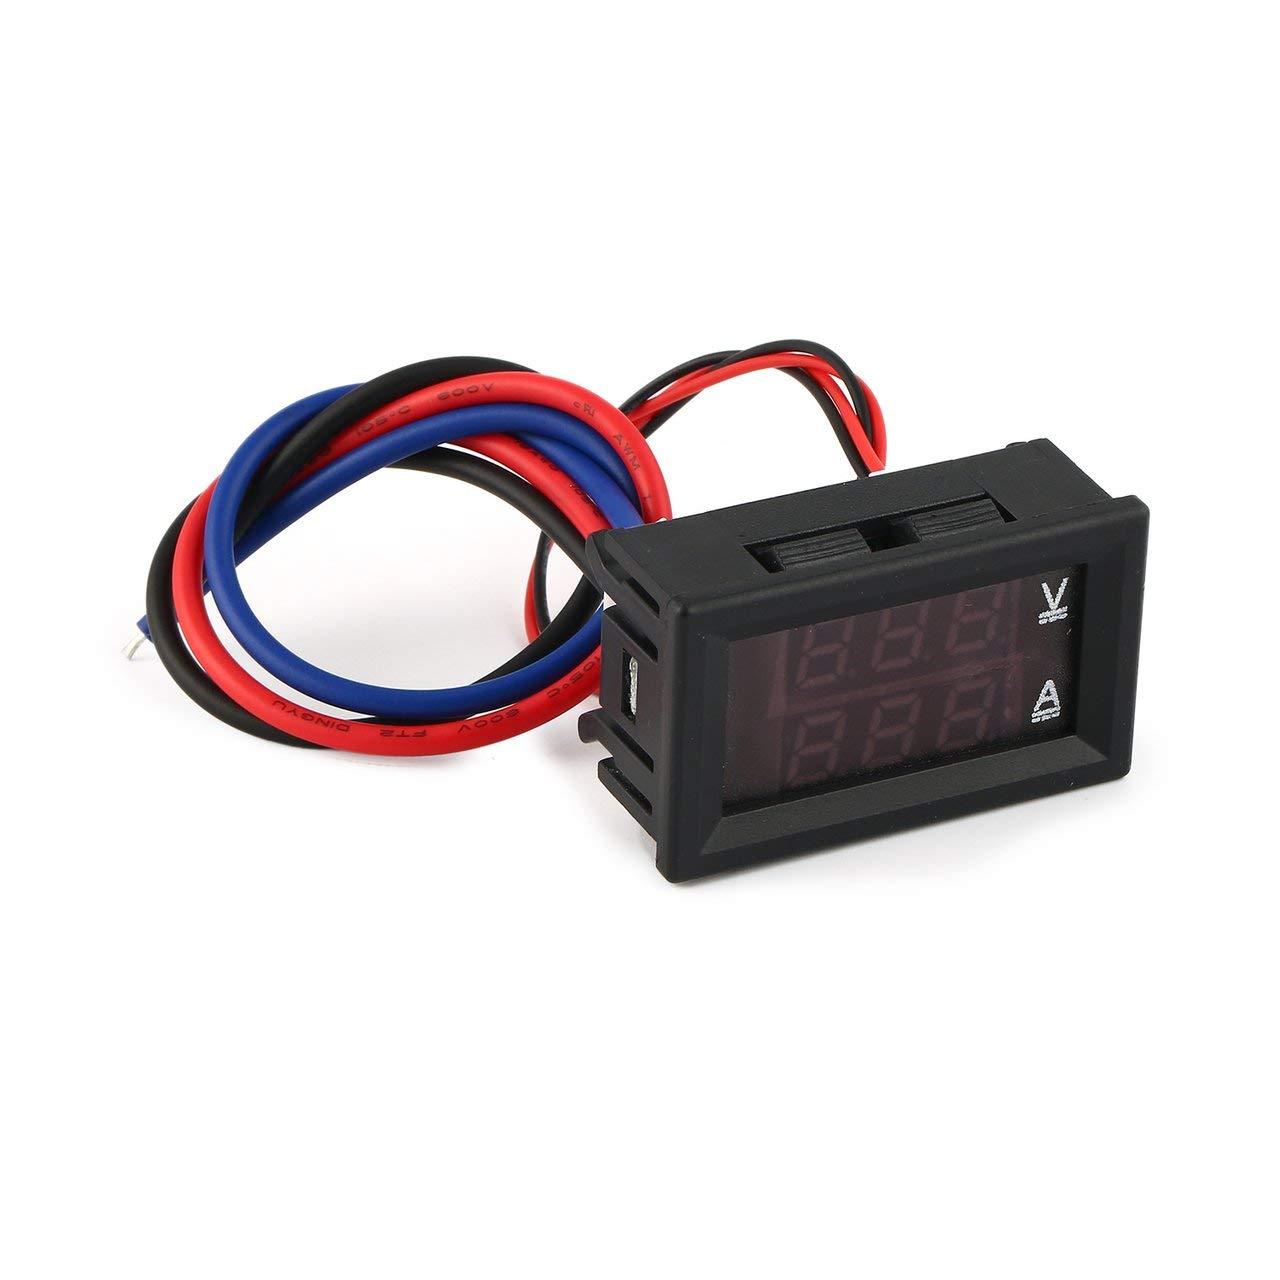 Jasnyfall 100v 10a A Men Le M Tre De Tension Actuel Voltm How To Test Electrical Circuits Une Voiture